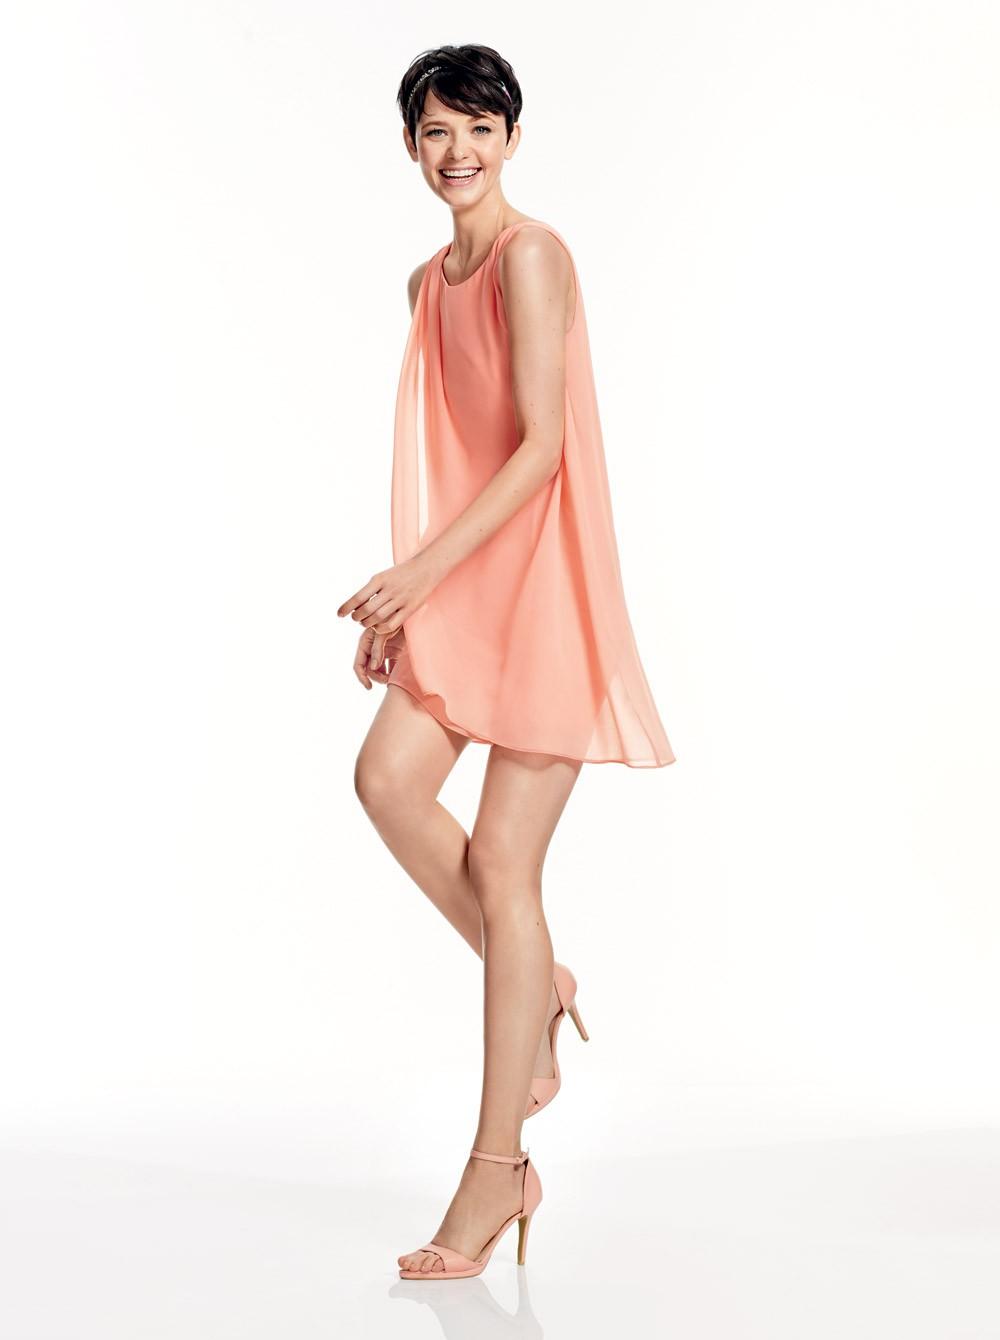 10 robes pour bruncher joliment apr s le mariage for Robes fluides pour mariage